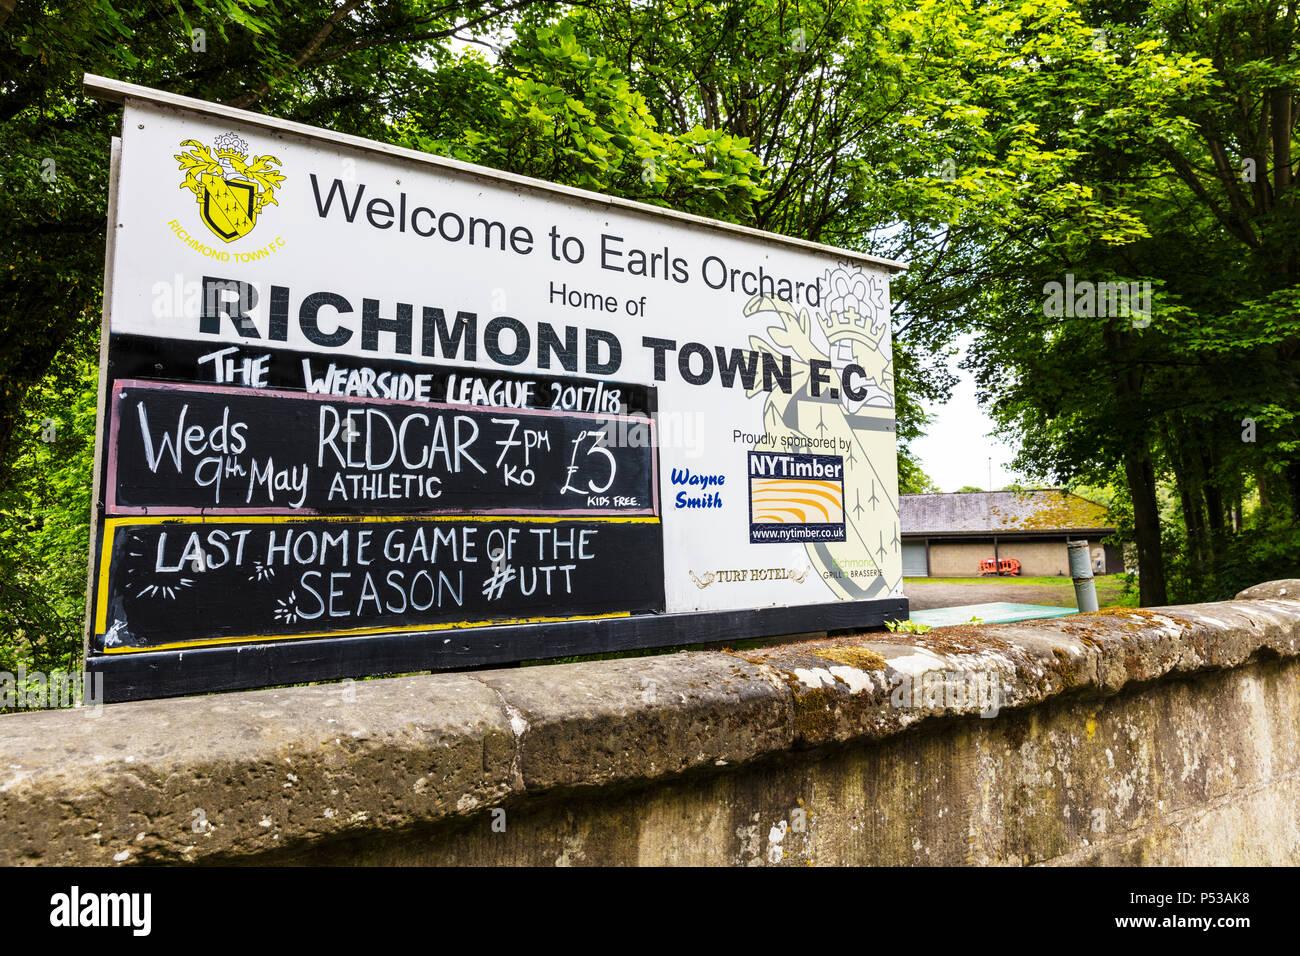 Richmond Town Football Club sign, Richmond Yorkshire UK, Richmond Town FC sign, football club, fooball clubs UK, UK football clubs, UK football club, Stock Photo